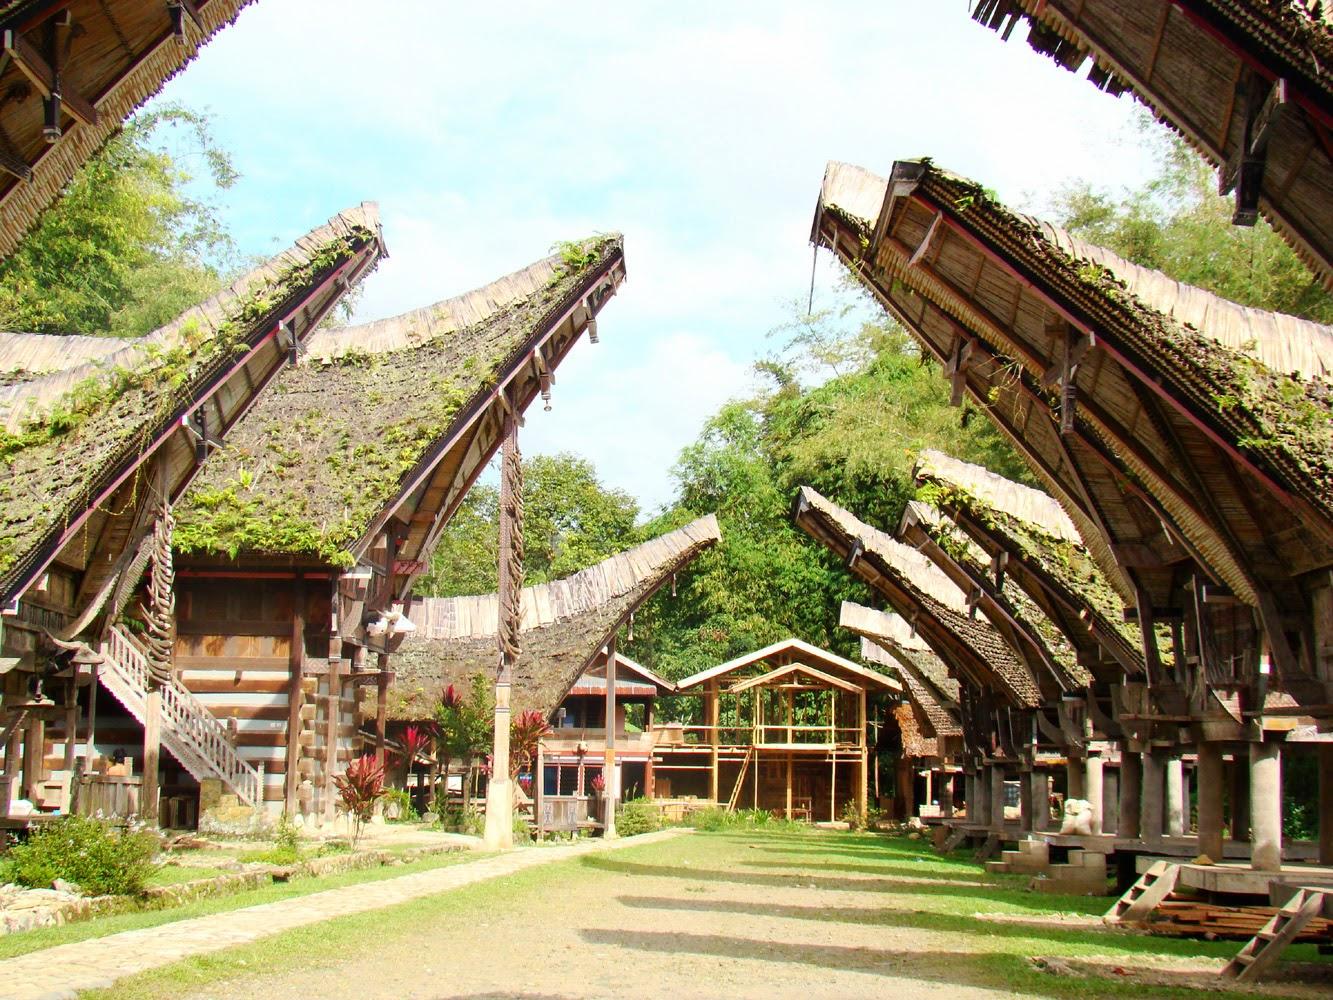 Forest House December 2013 Kopi Arabika Solong Aceh By Viziq Nad Meski Tak Setenar Toraja Daerah Di Sekitarnya Juga Produsen Bermutu Kalosi Enrekang Dan